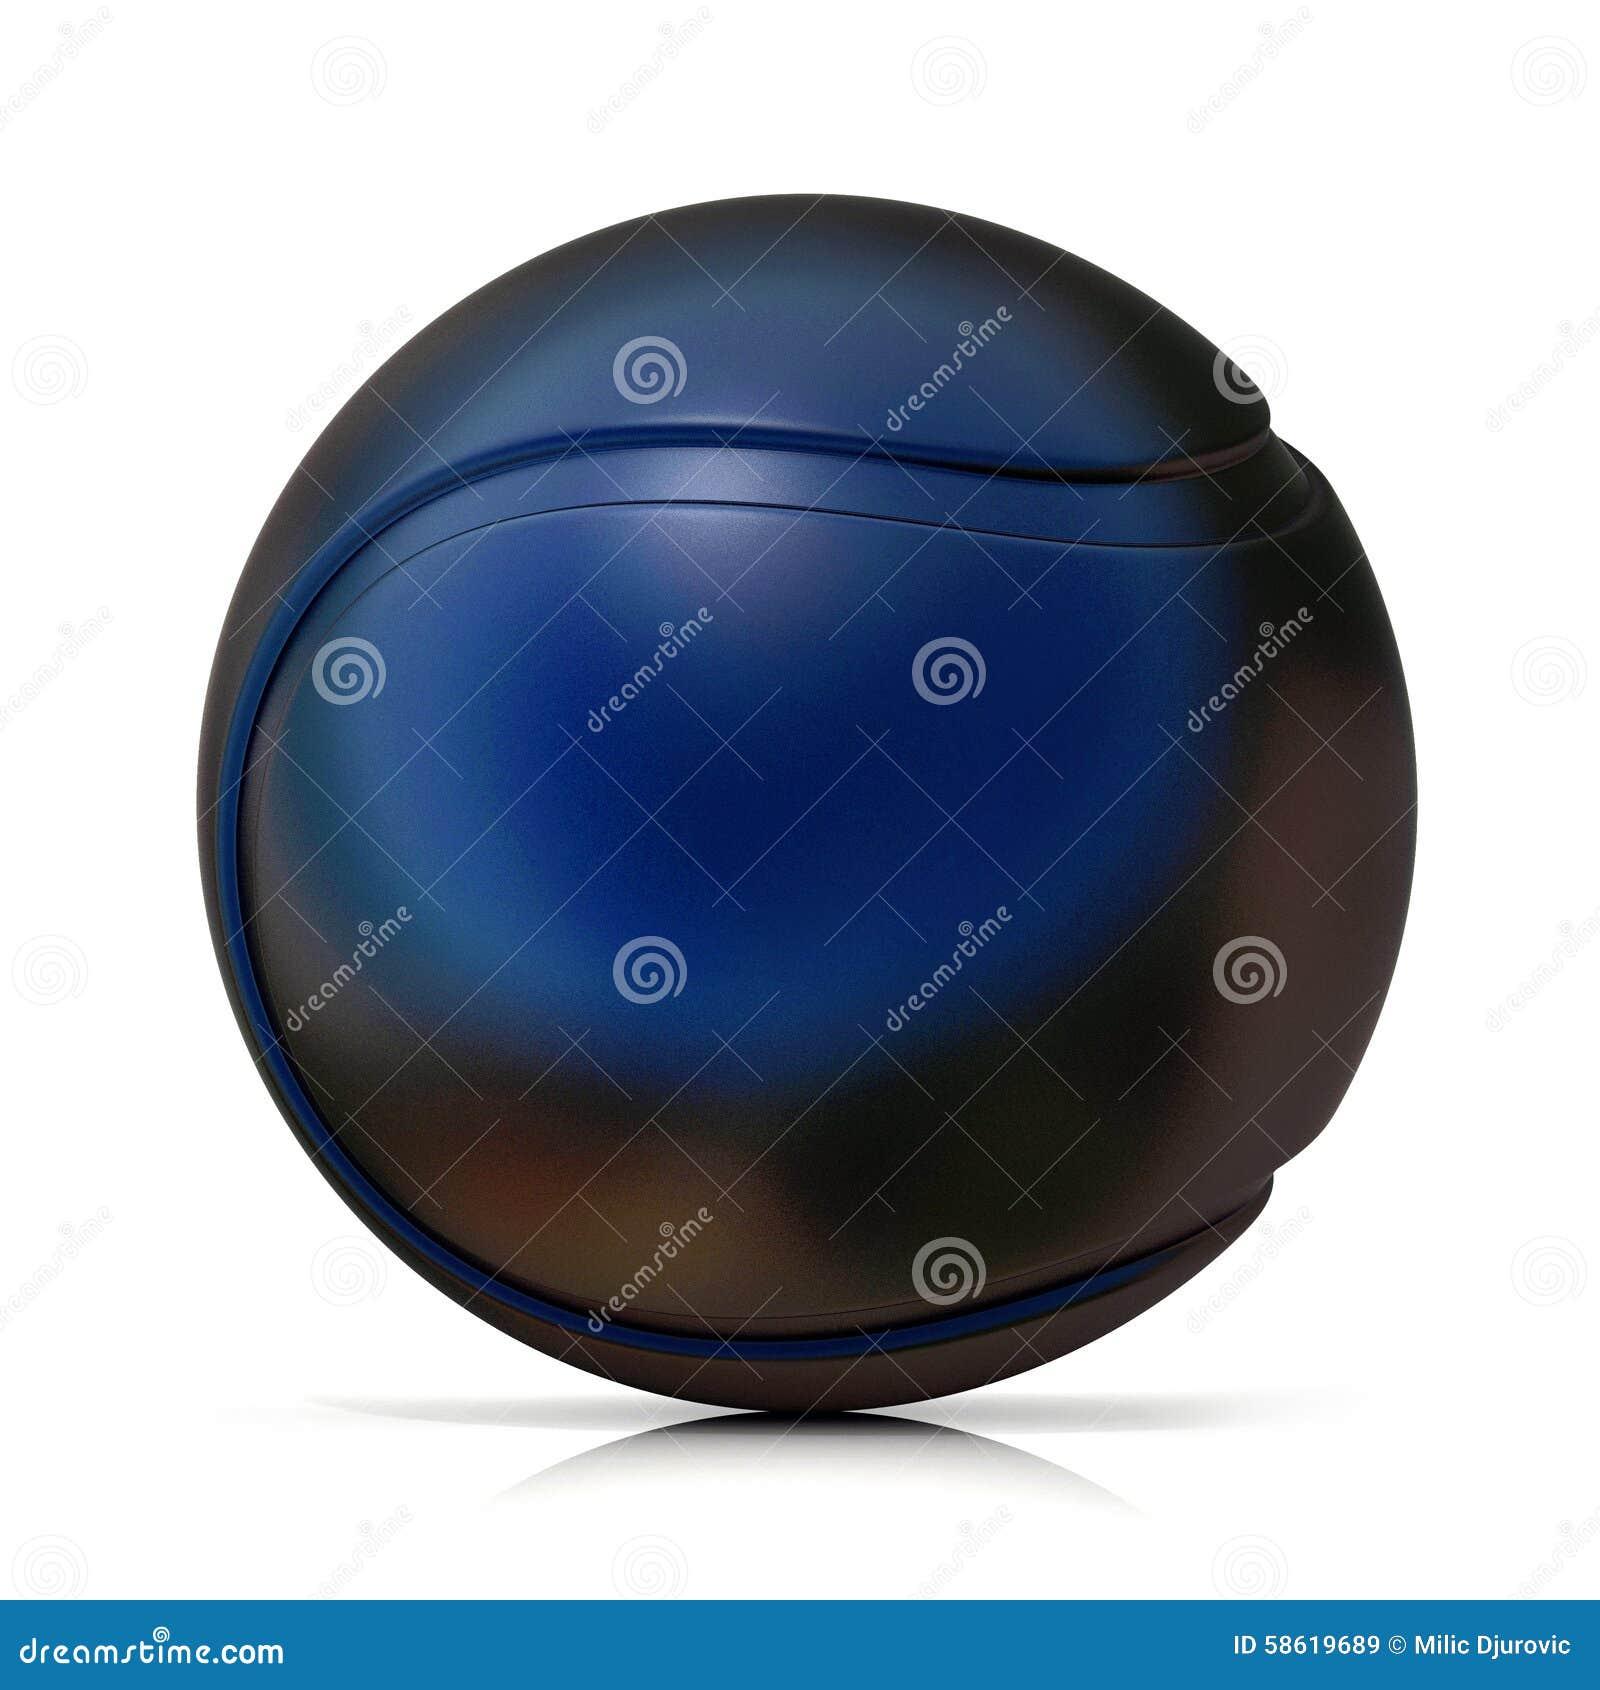 Tenis pelota stock de ilustracion ilustracion libre de stock de - Pelota De Tenis Negra Stock De Ilustraci N